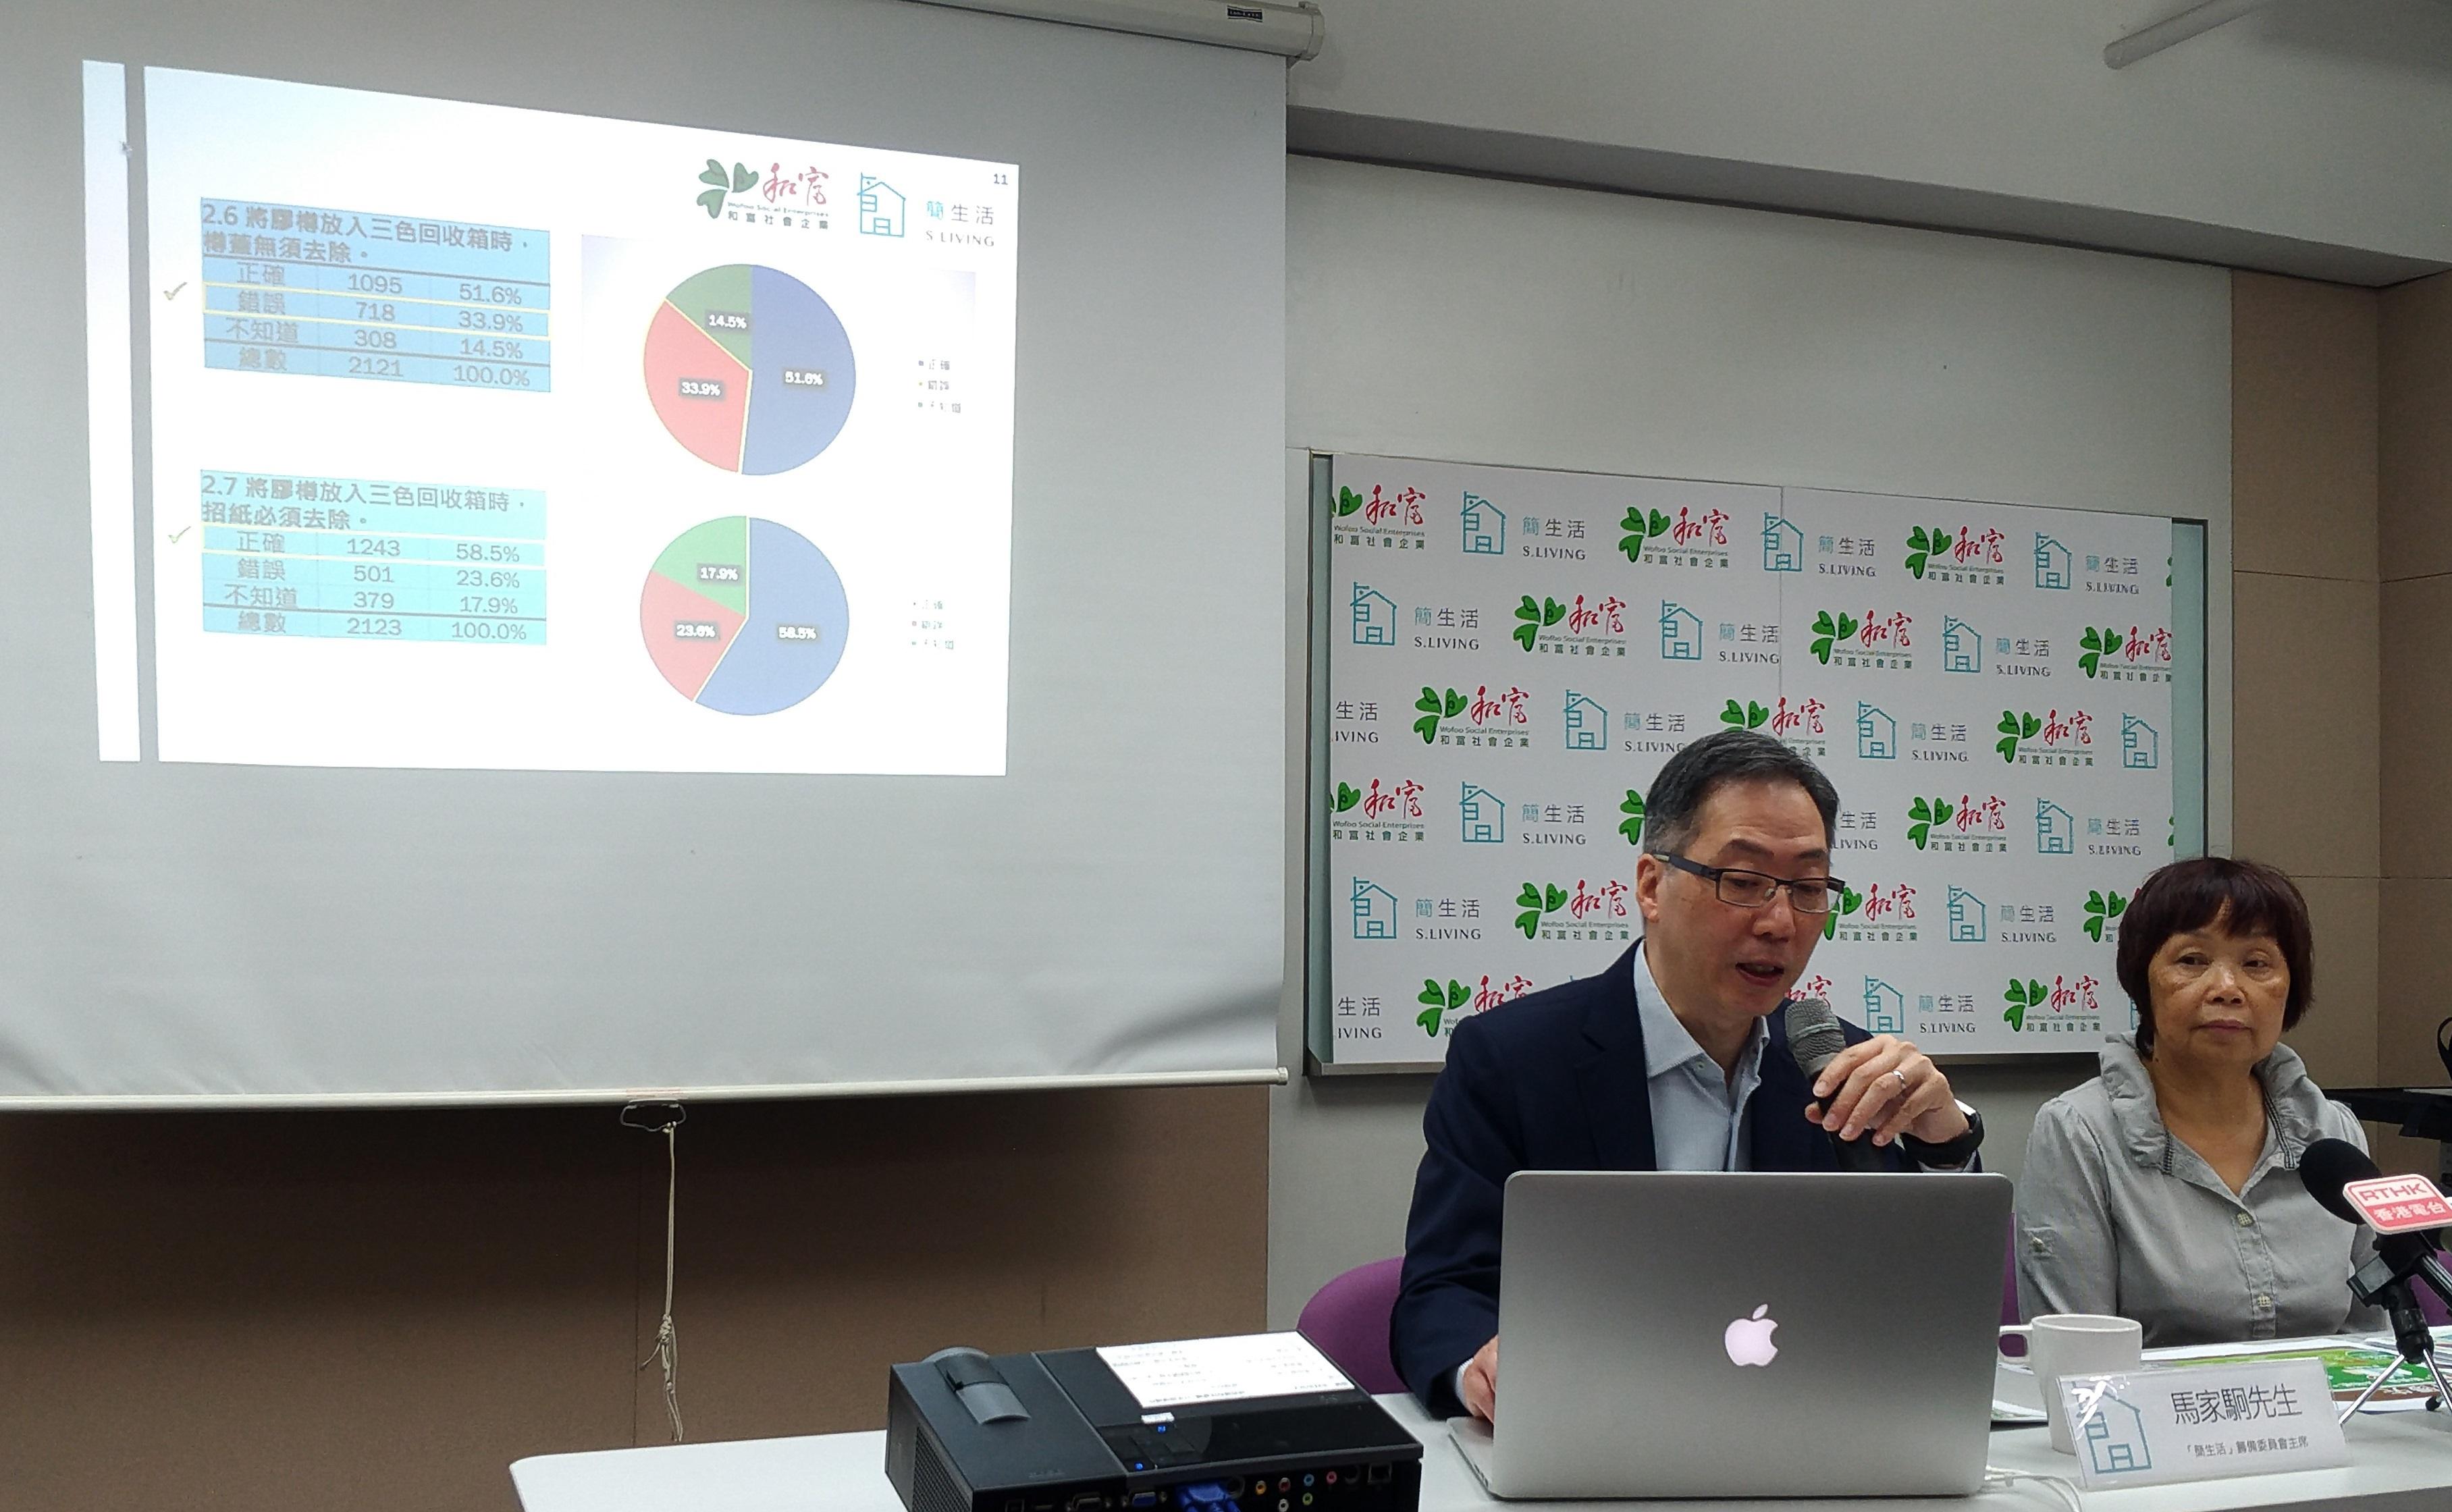 【香港小學生的資源回收知識及行為】調查報告